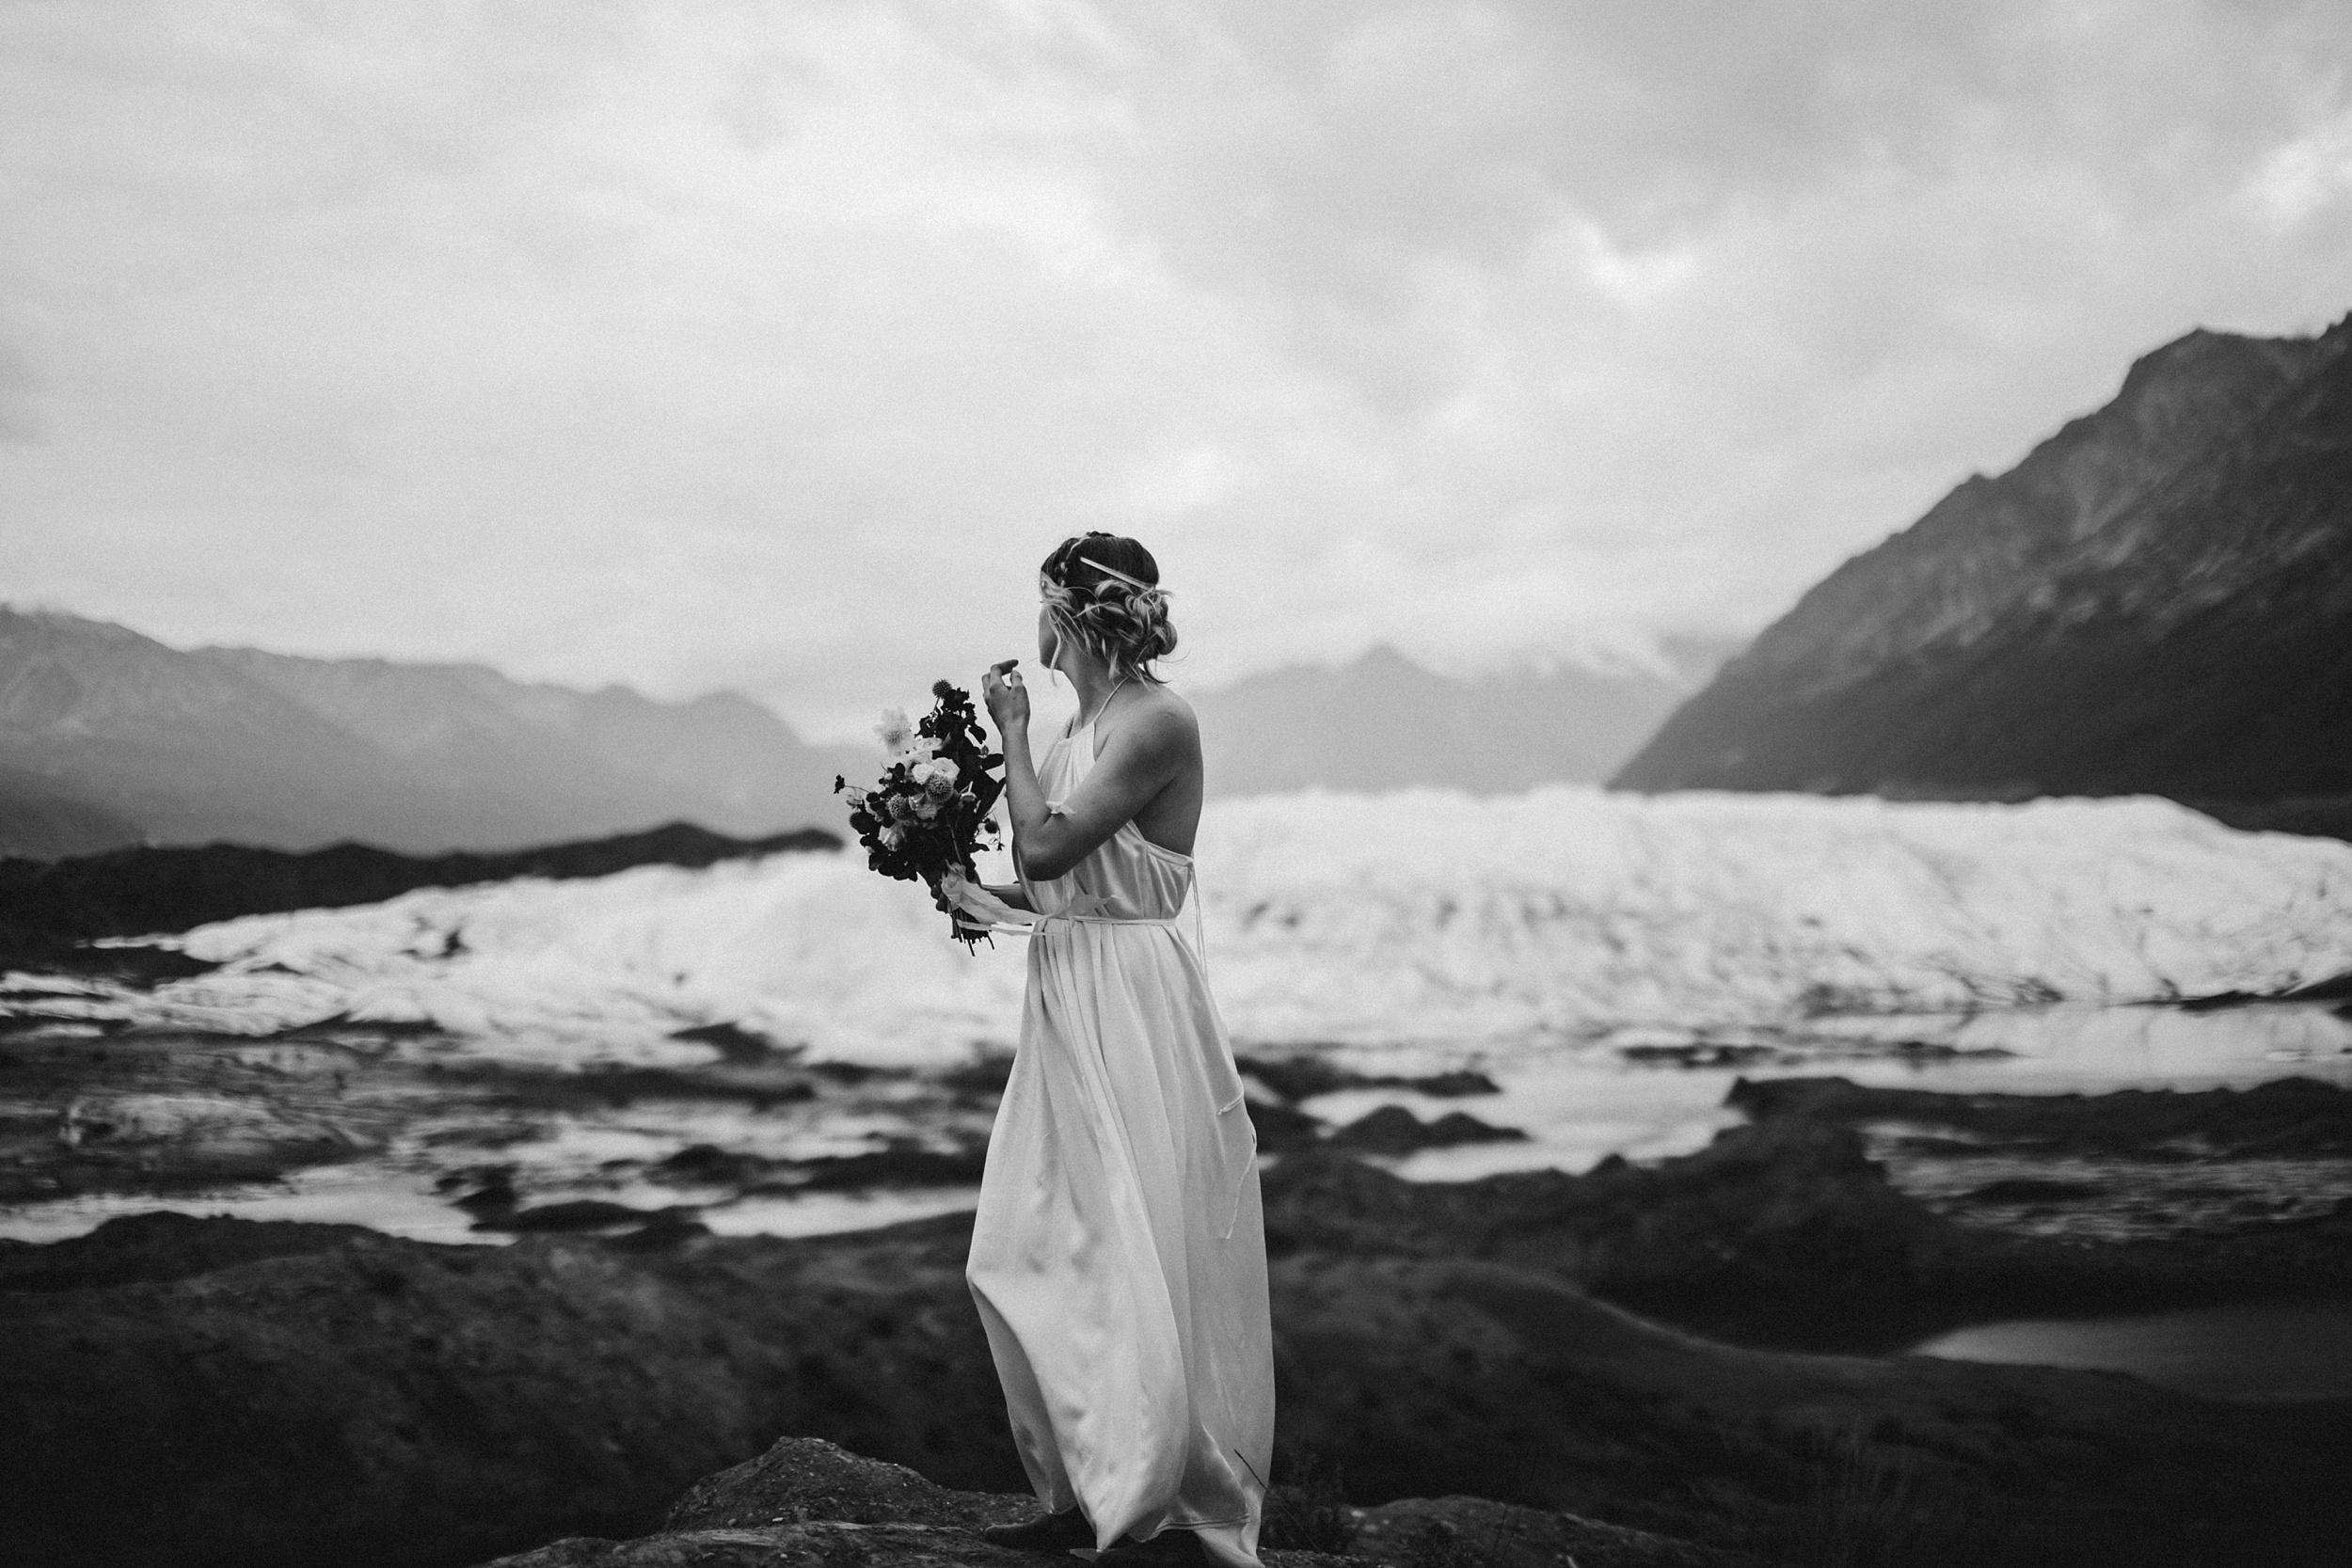 elopement at Matanuska Glacier